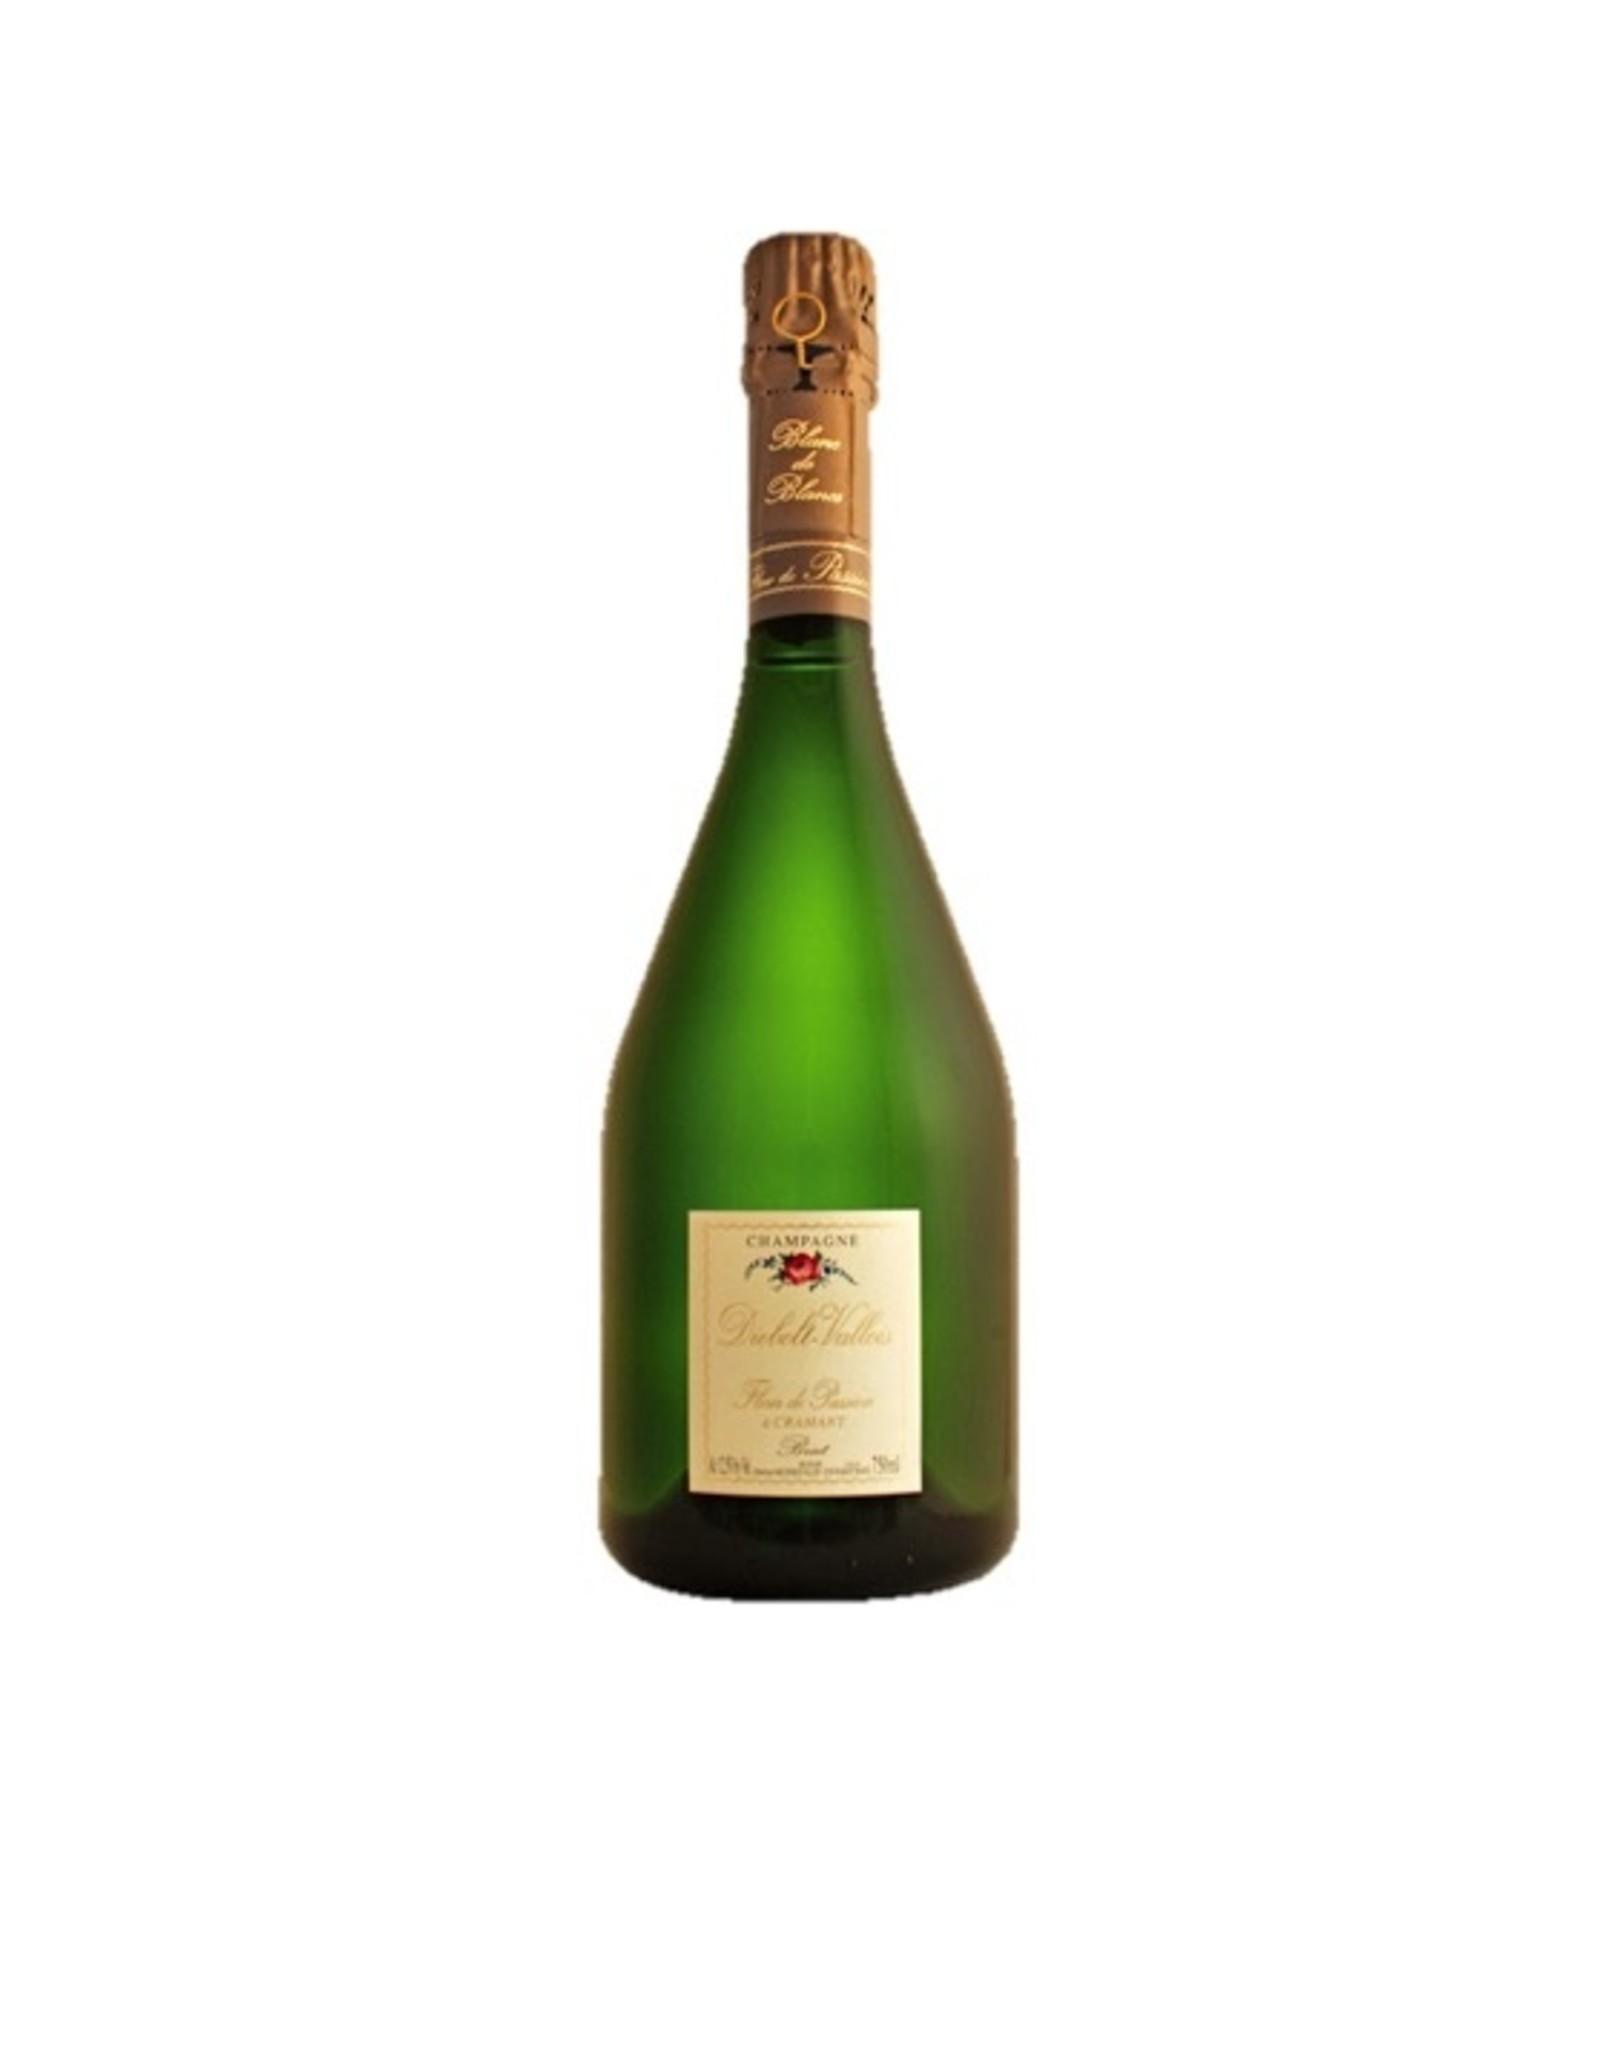 Diebolt-Vallois Champagne Diebolt-Vallois Fleur de Passion 2012